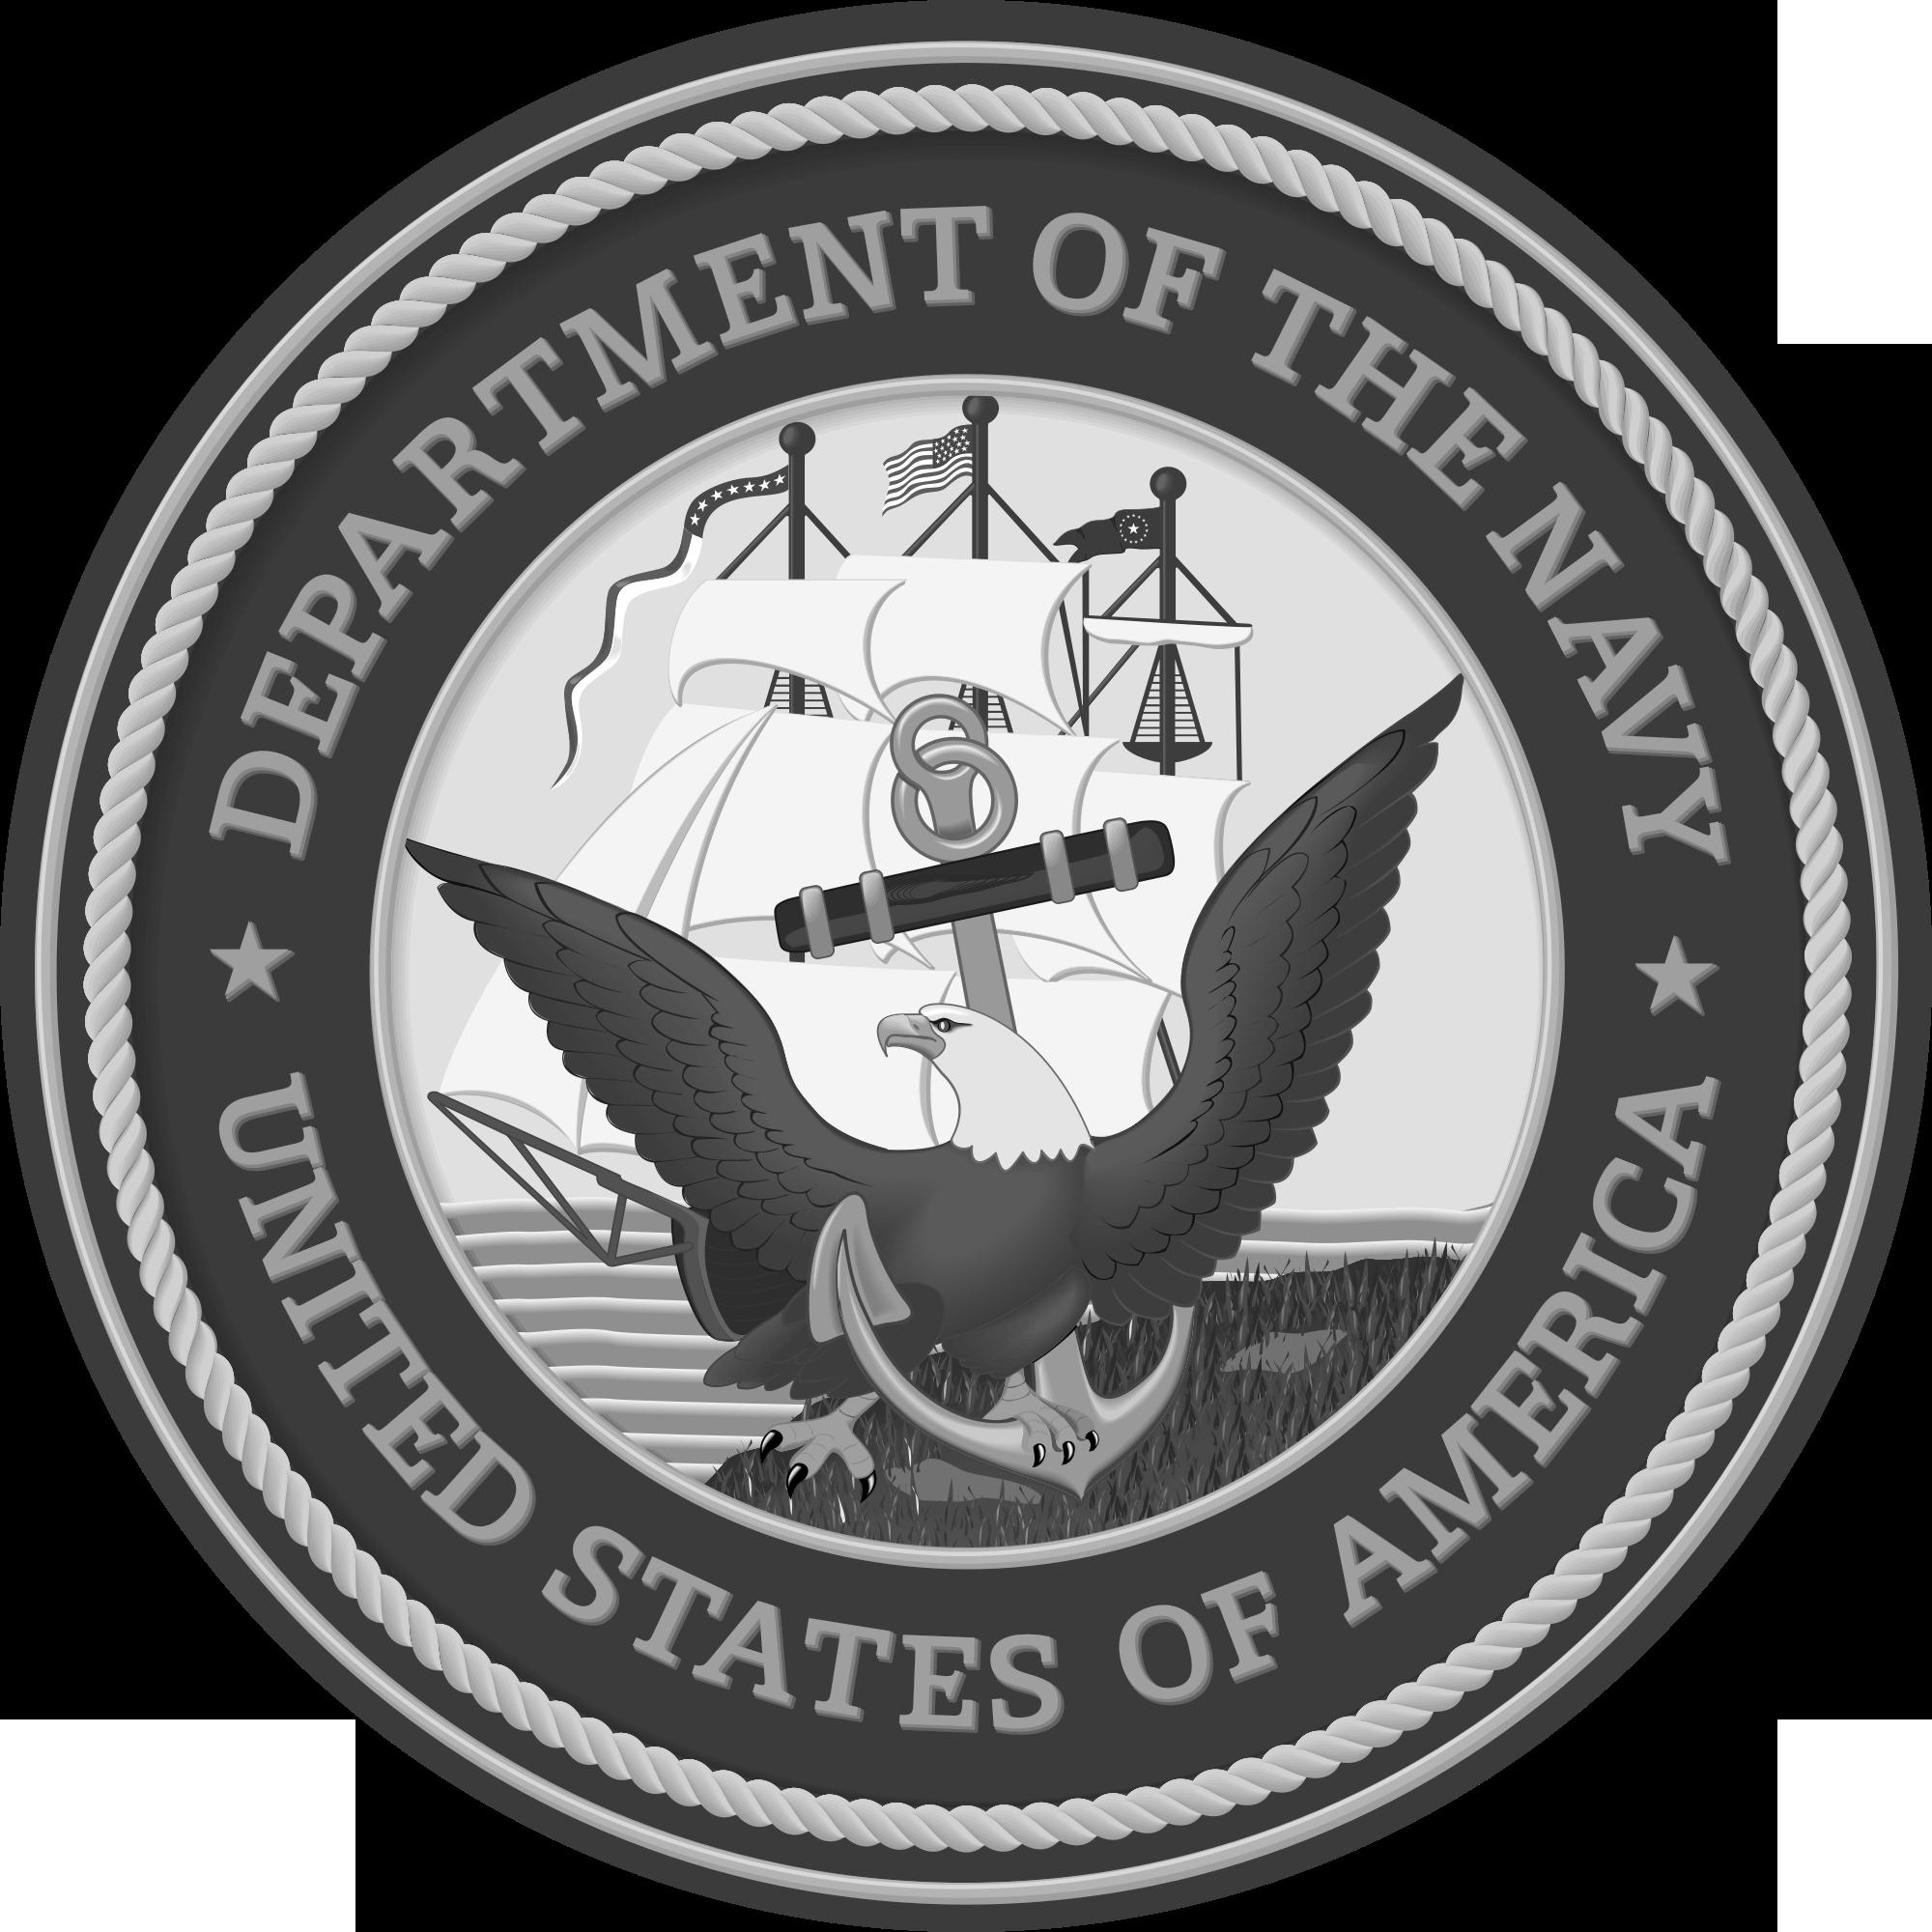 U.S department of navy